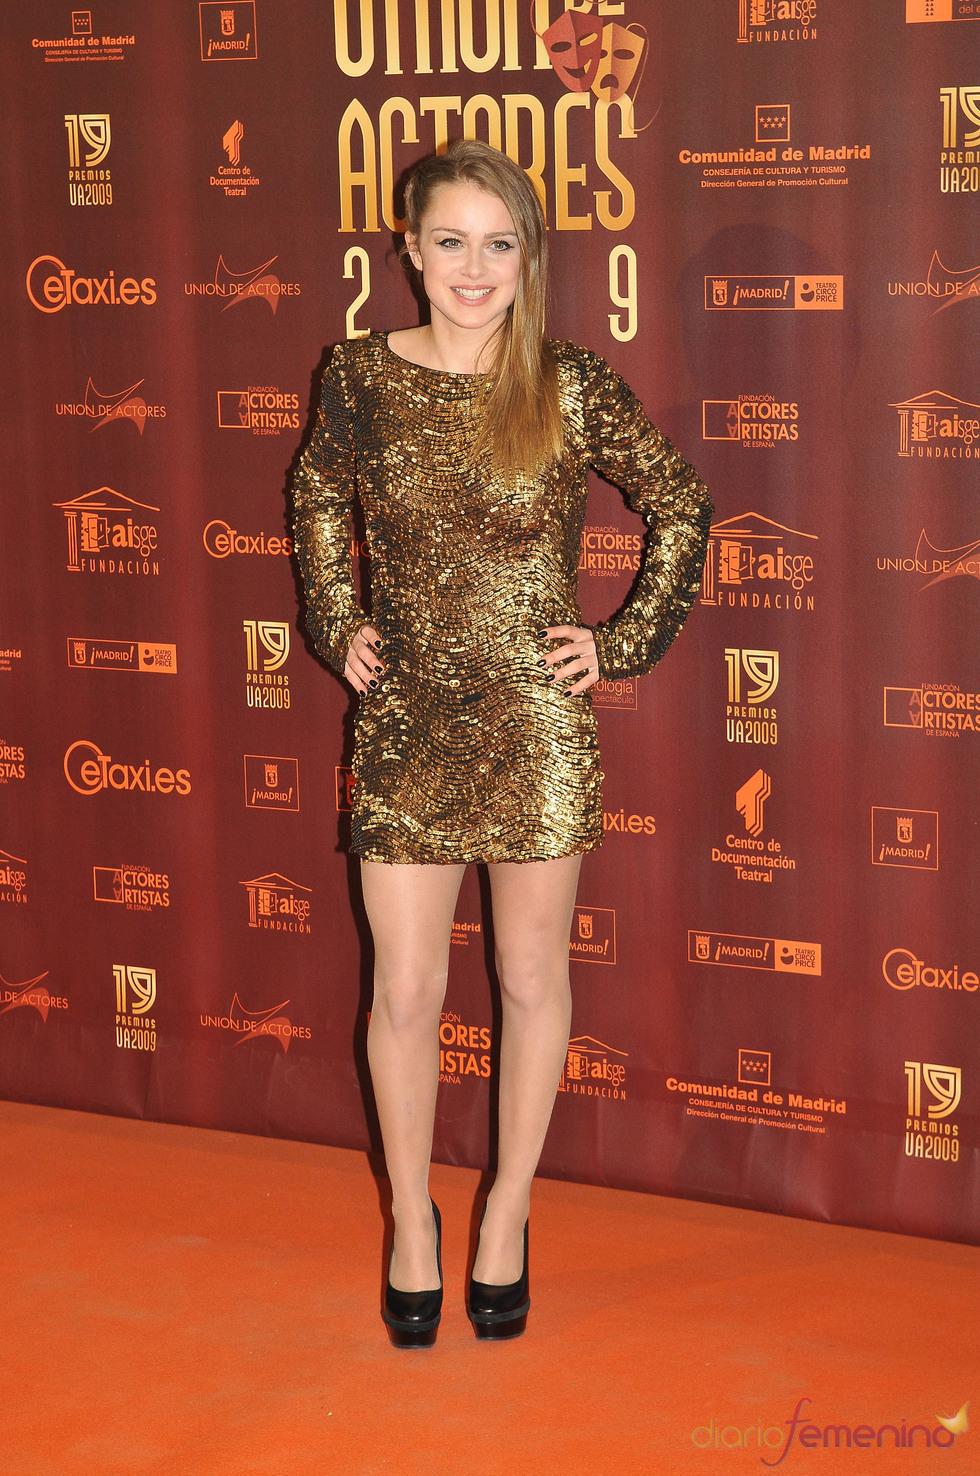 Carla Nieto en los XIX Premios de la Unión de Actores